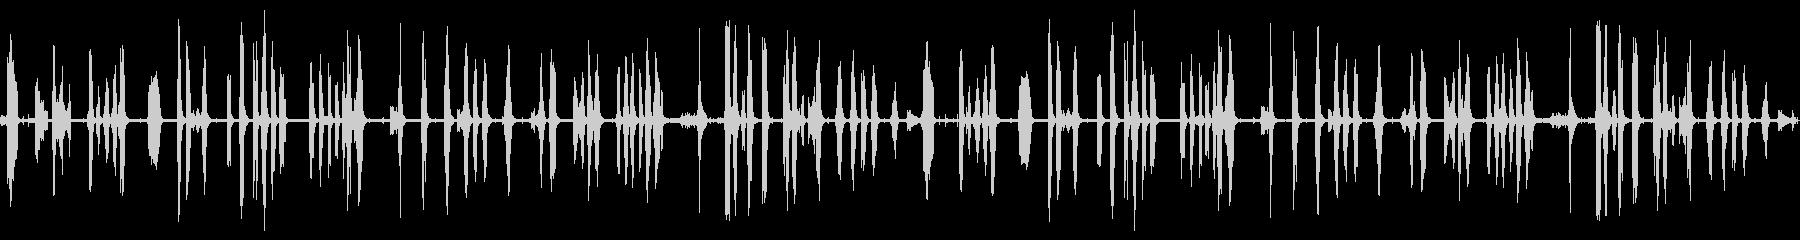 鳴き声、R歯類他の野生動物の未再生の波形